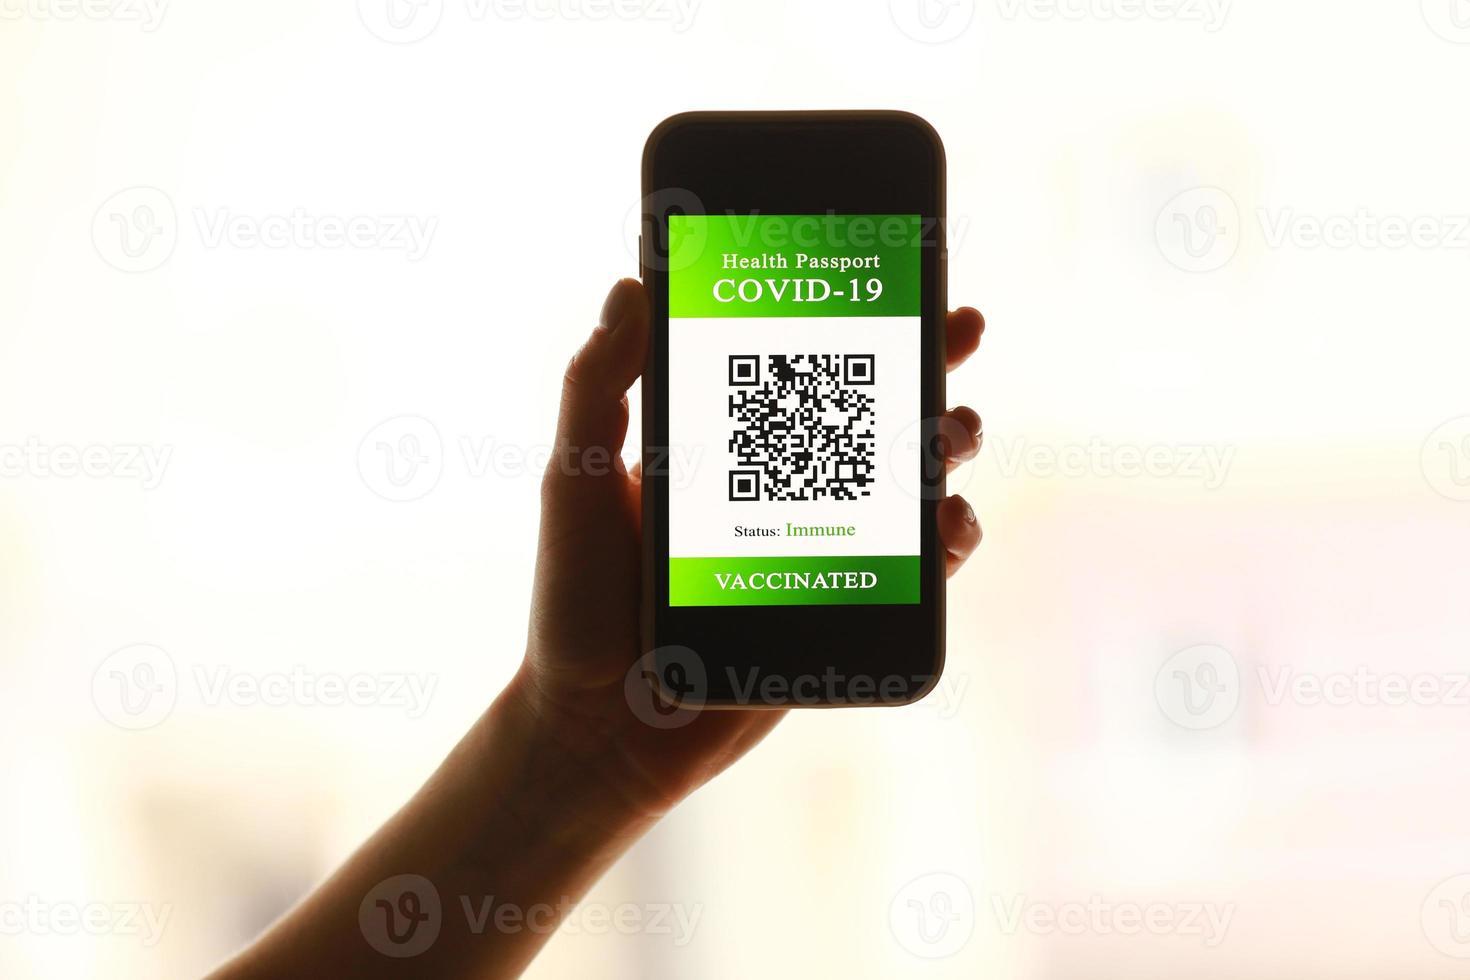 ett pass och en smart telefon med intyg om vaccination mot covid-19-sjukdomen. fokusera på smarttelefonen. hälsopass koncept. resa världen foto